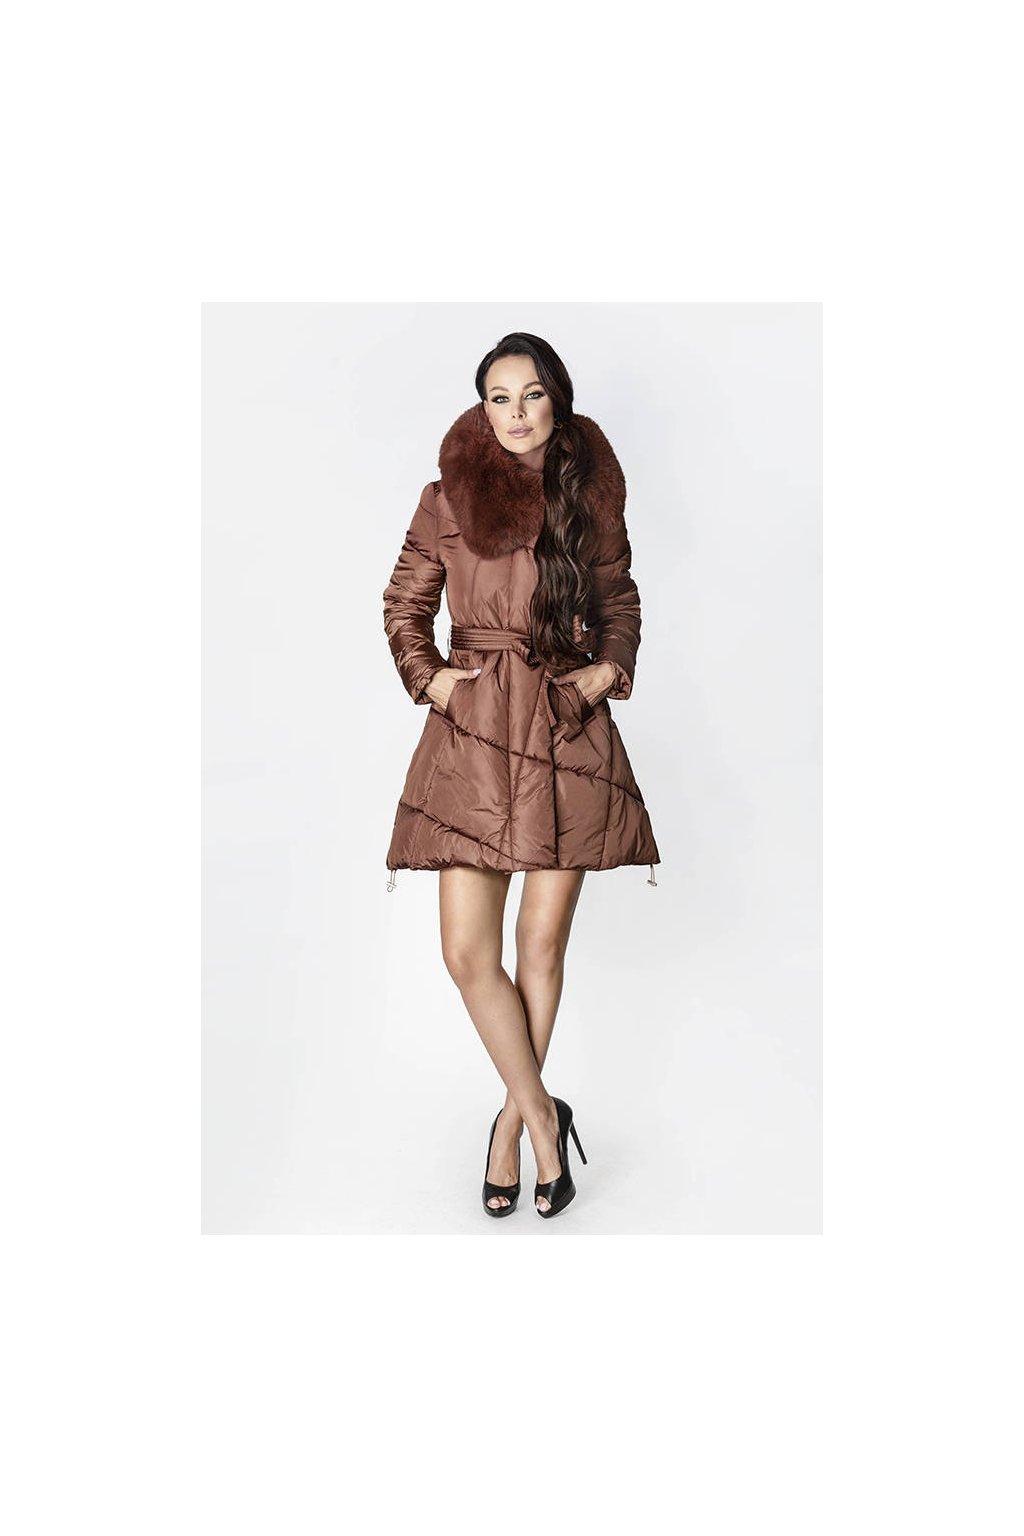 Dámska dlhá zimná bunda s kapucňou 008 hnedý